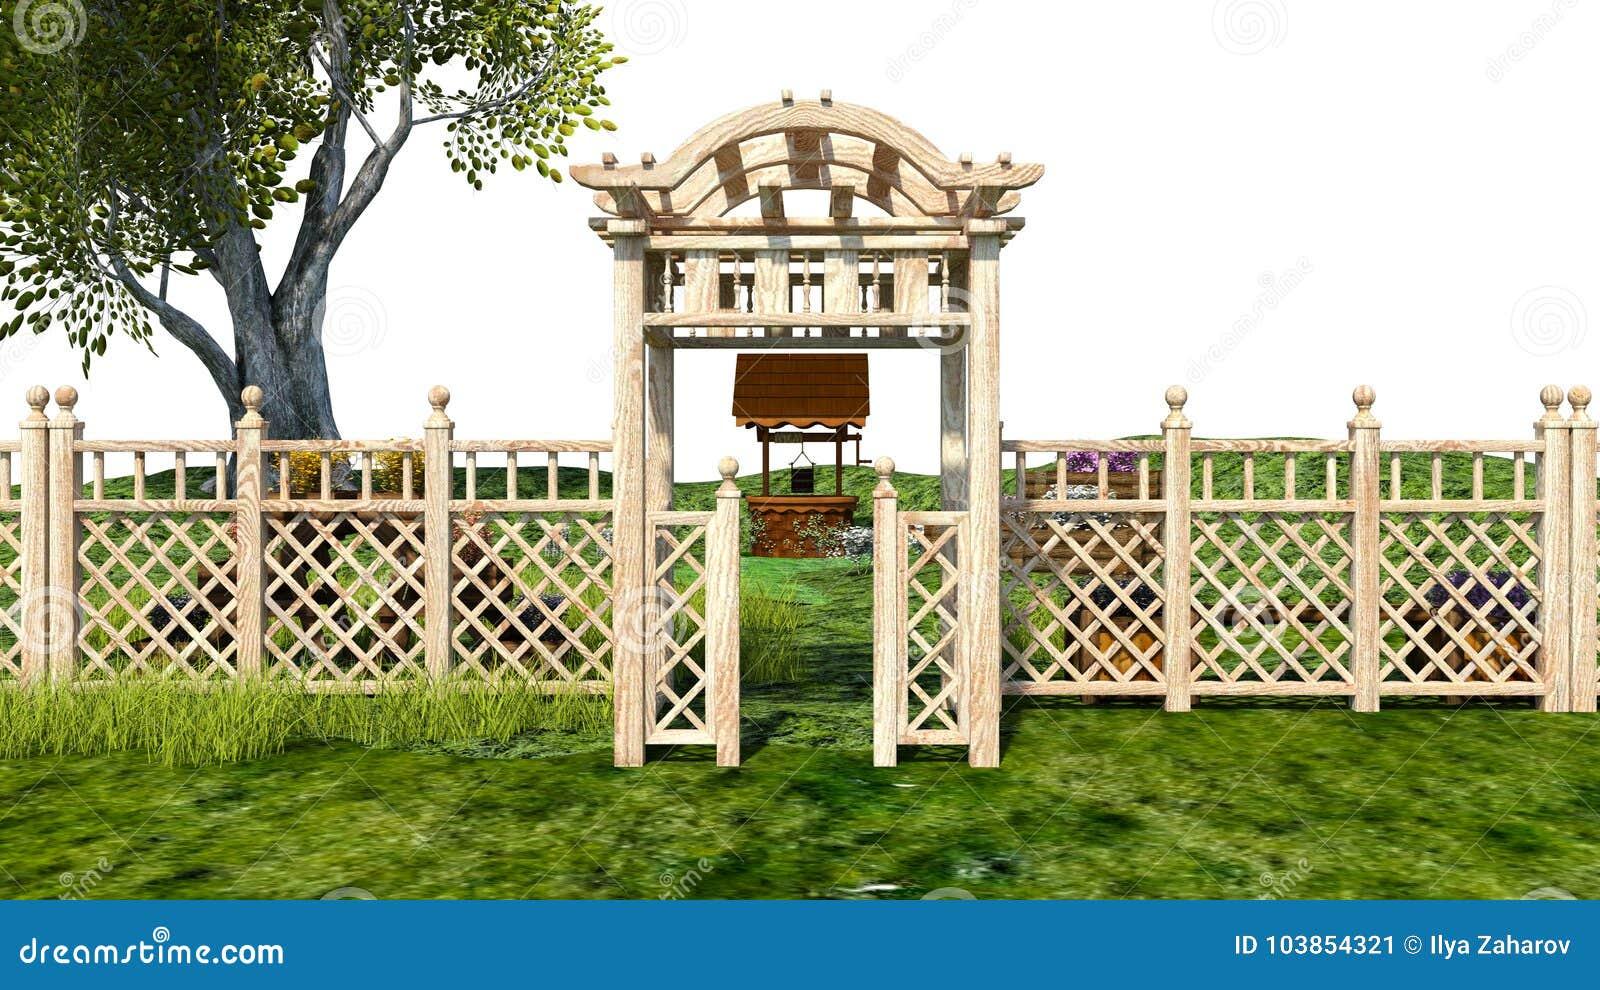 Piante Per Recinzioni Giardino.Vista Di Piccolo Giardino Con Il Portone Di Legno E Le Piante